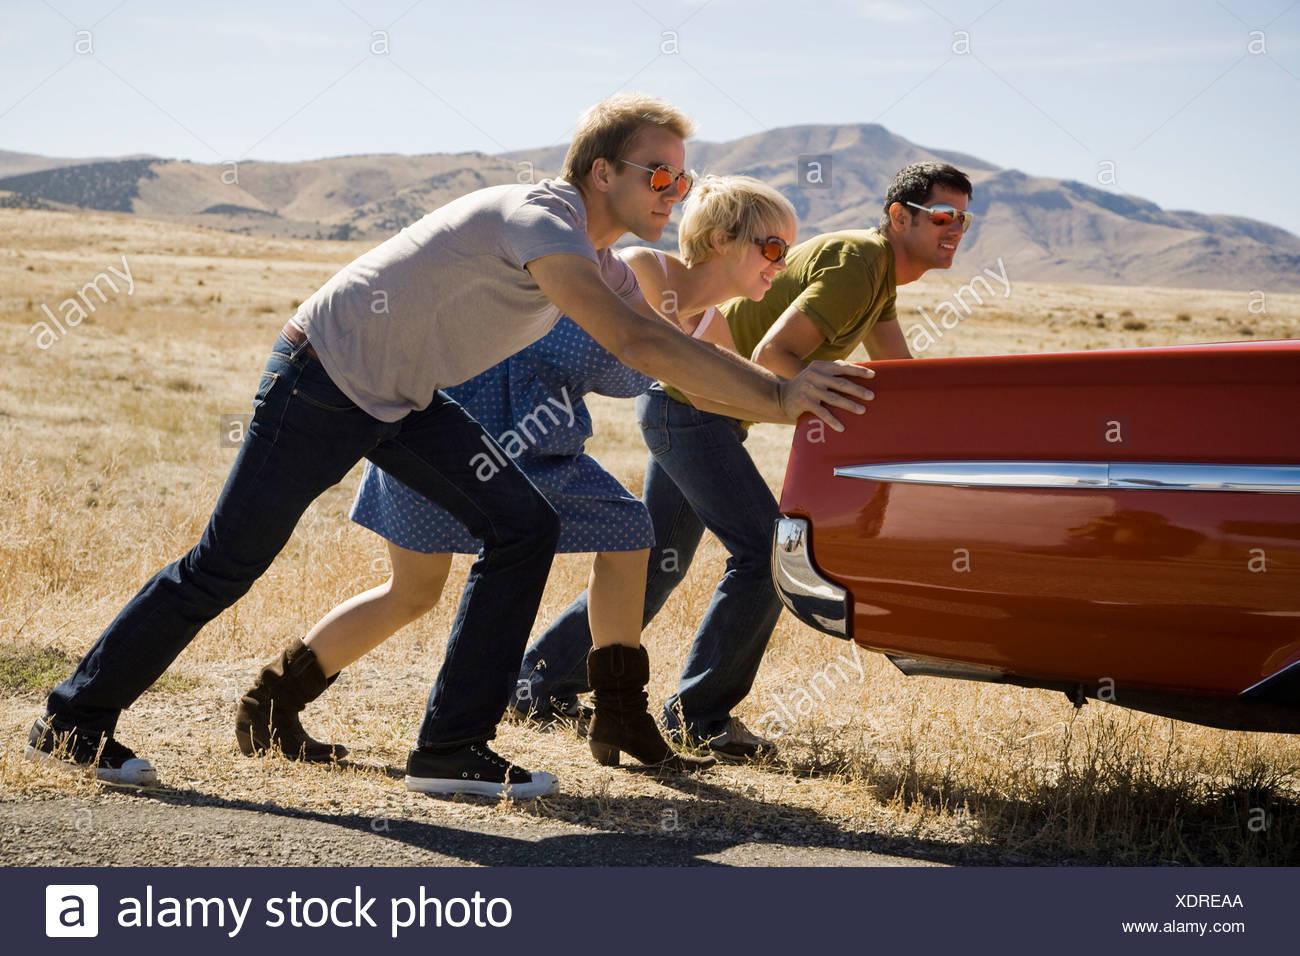 La gente empujando un coche por la carretera Imagen De Stock